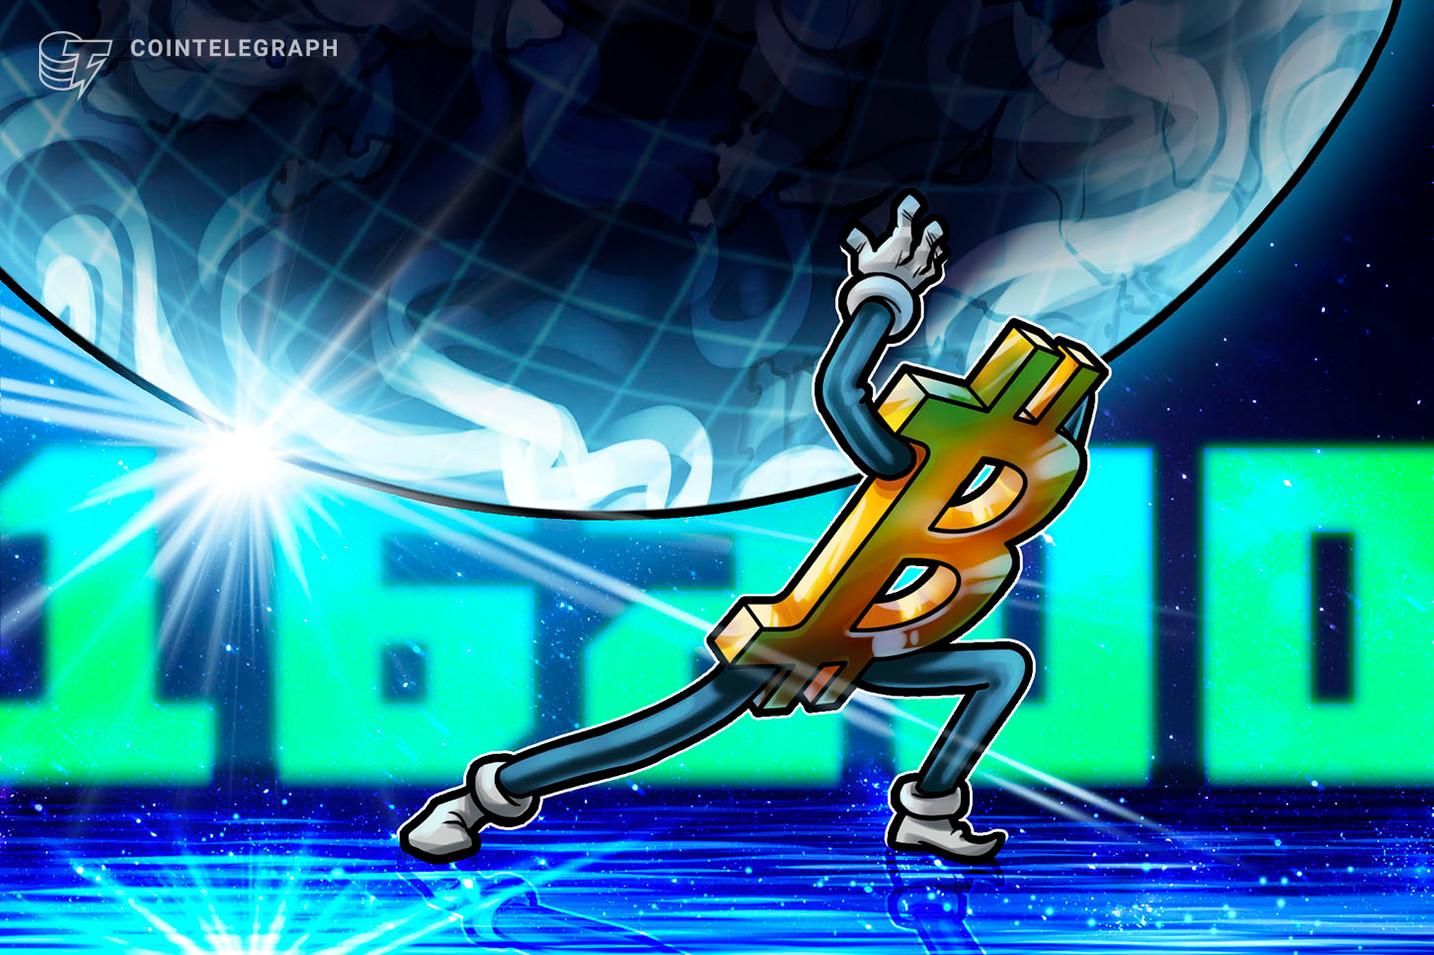 Bitcoin verso i 16.000$ e oltre? Ecco le previsioni rialziste e ribassiste